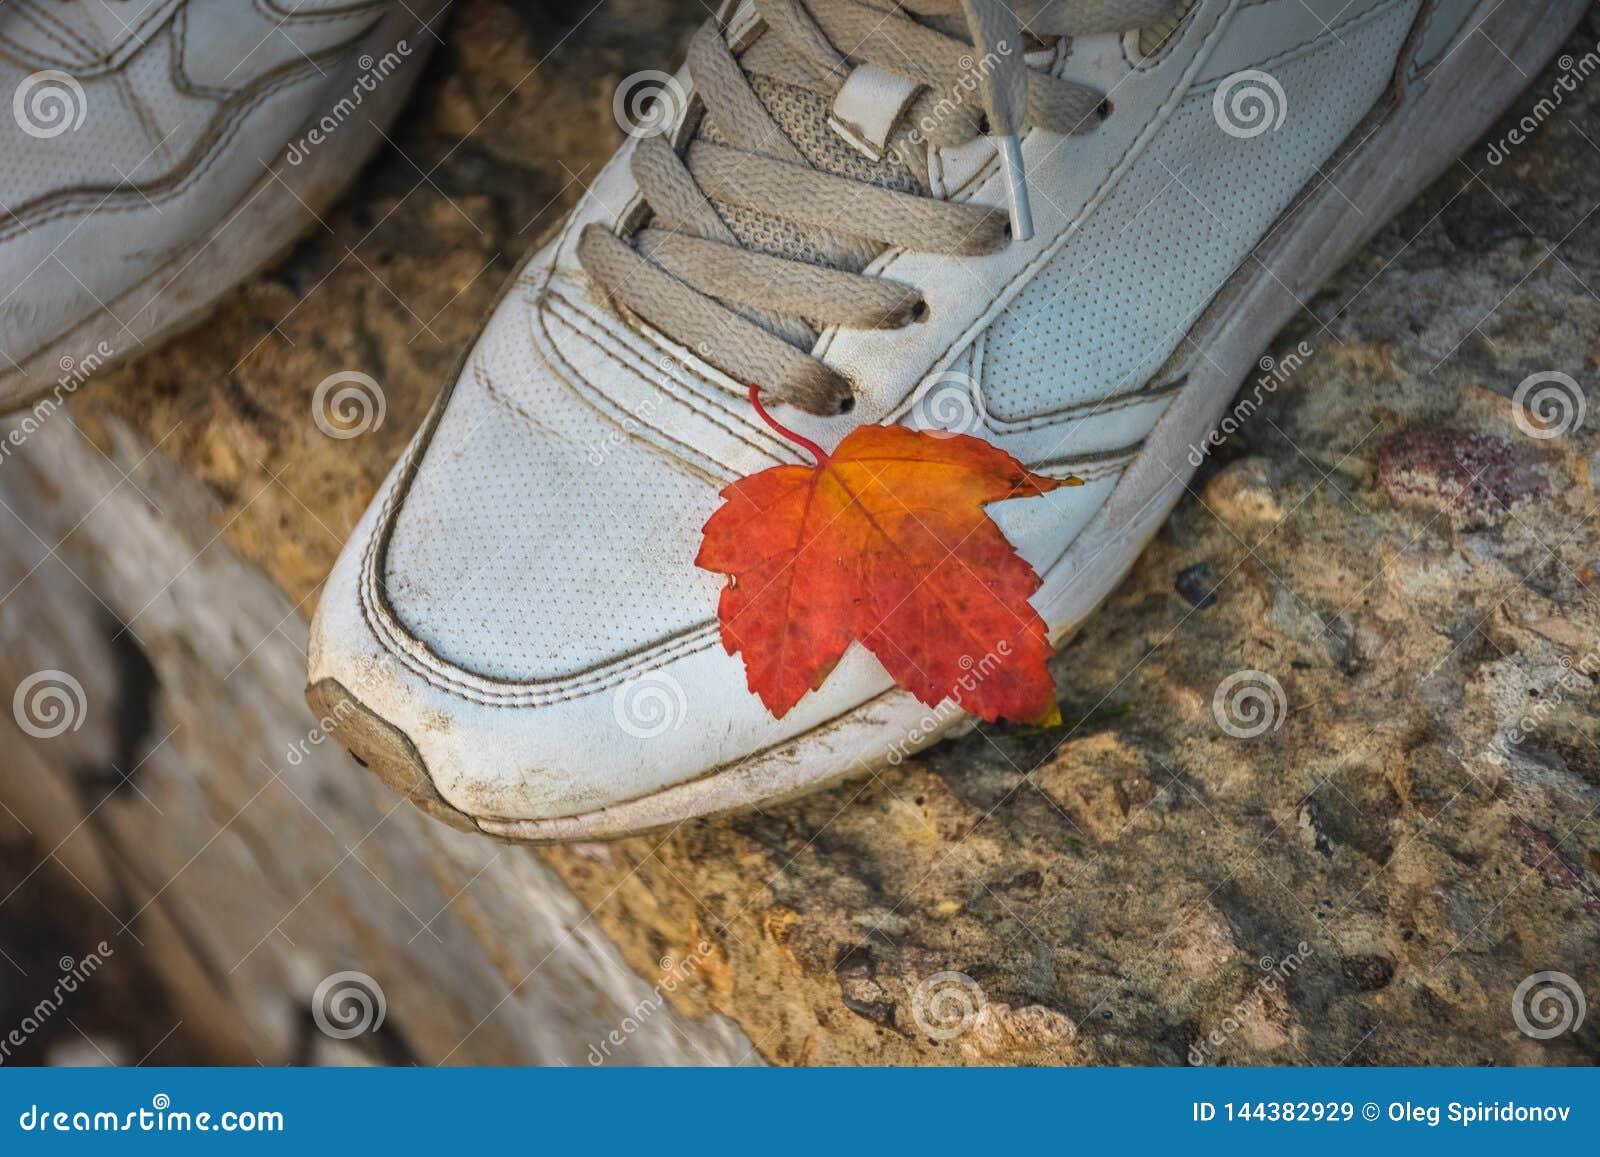 Hoja anaranjada en una zapatilla de deporte blanca, otoño del otoño